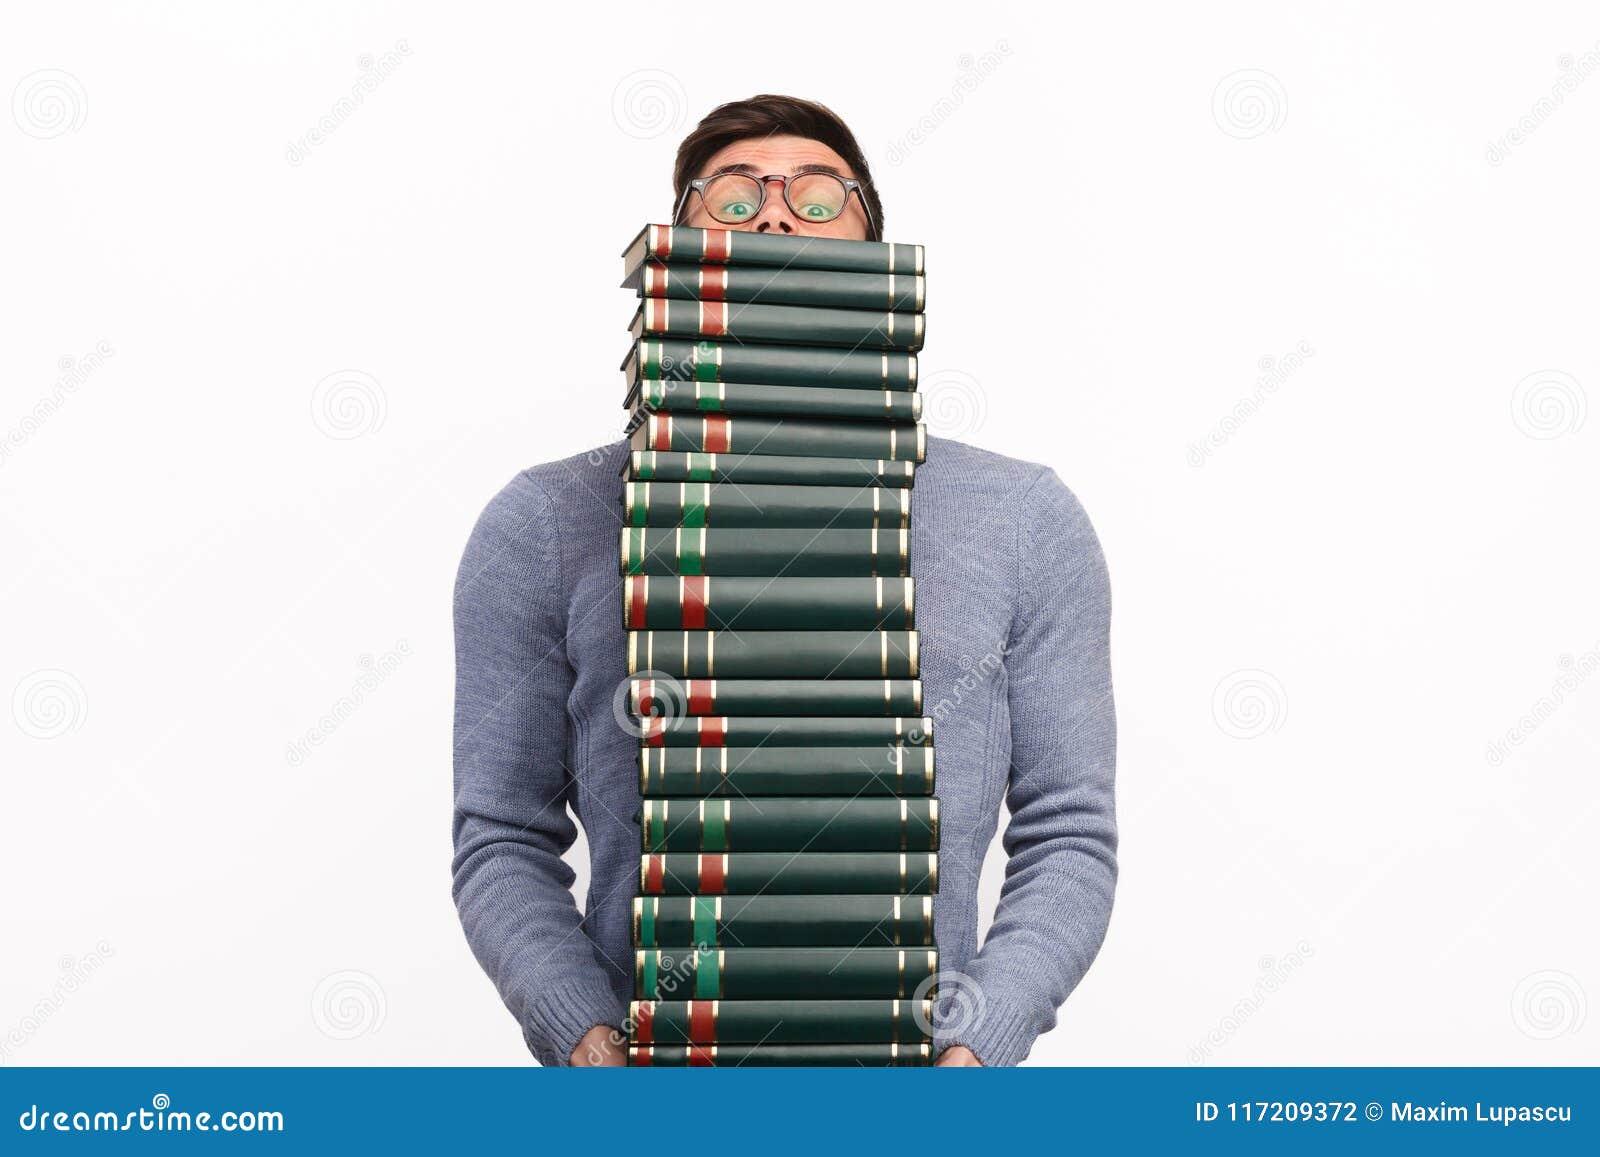 burden of studies